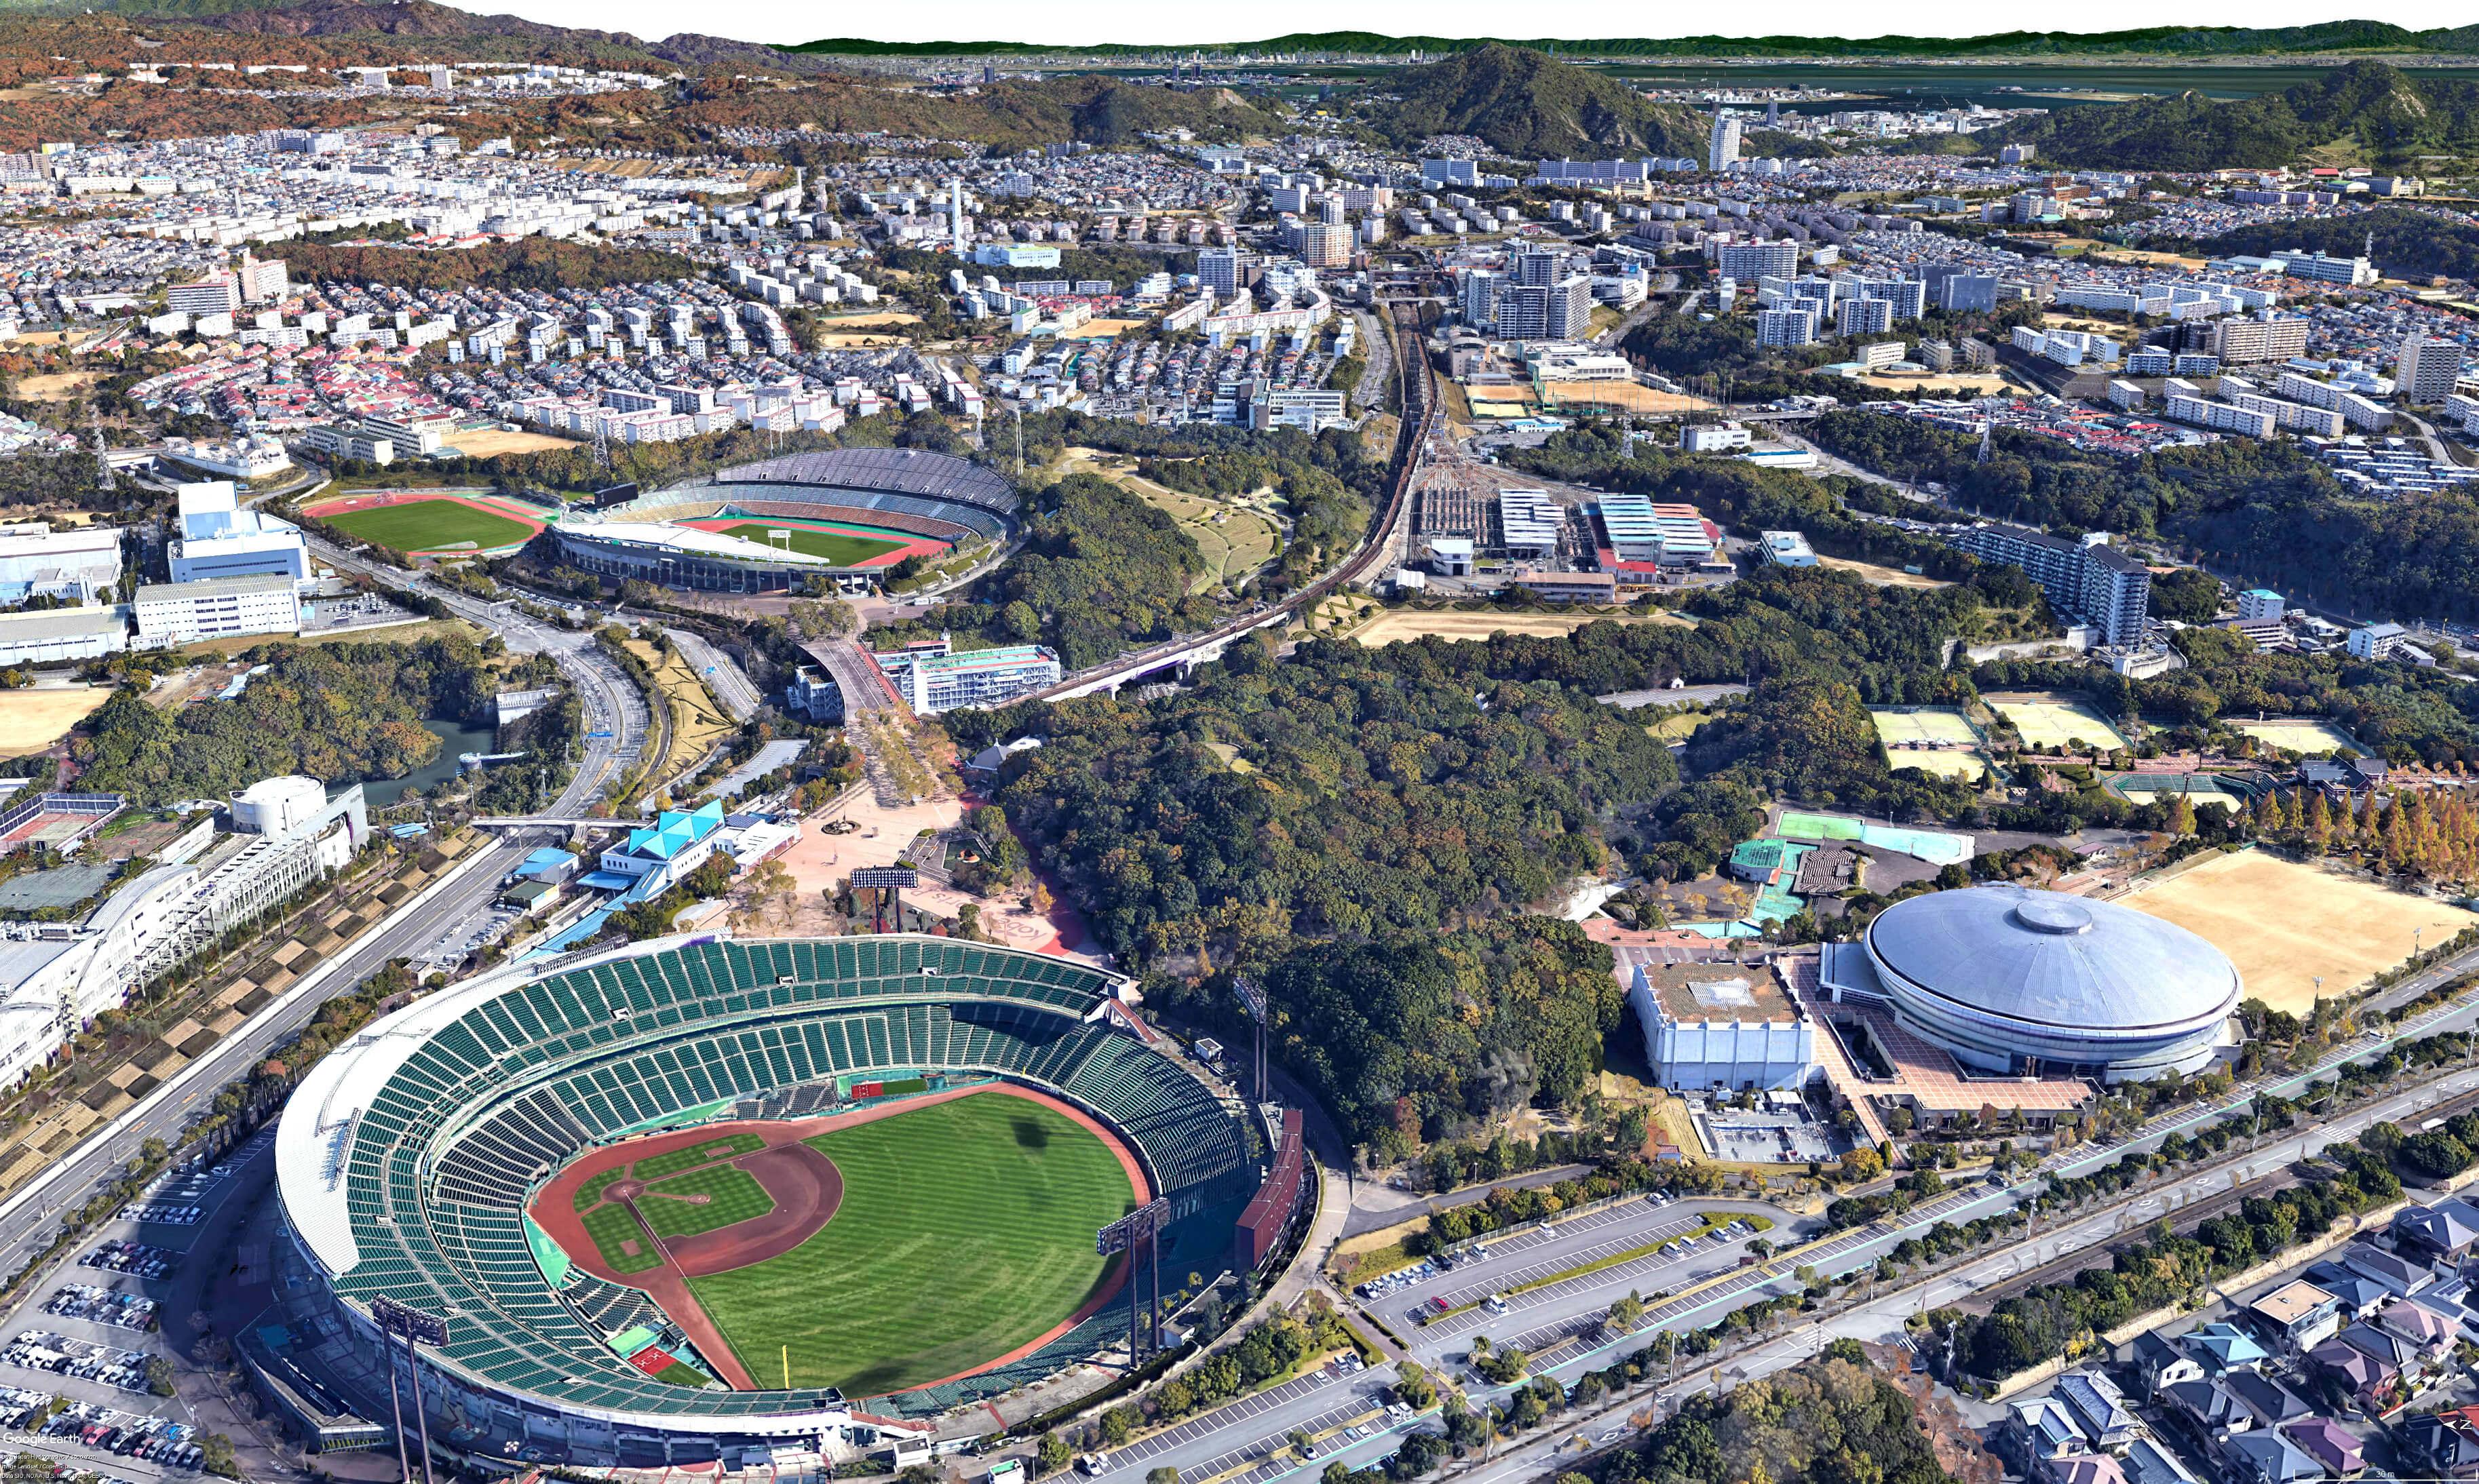 神戸市須磨区の総合運動公園周辺